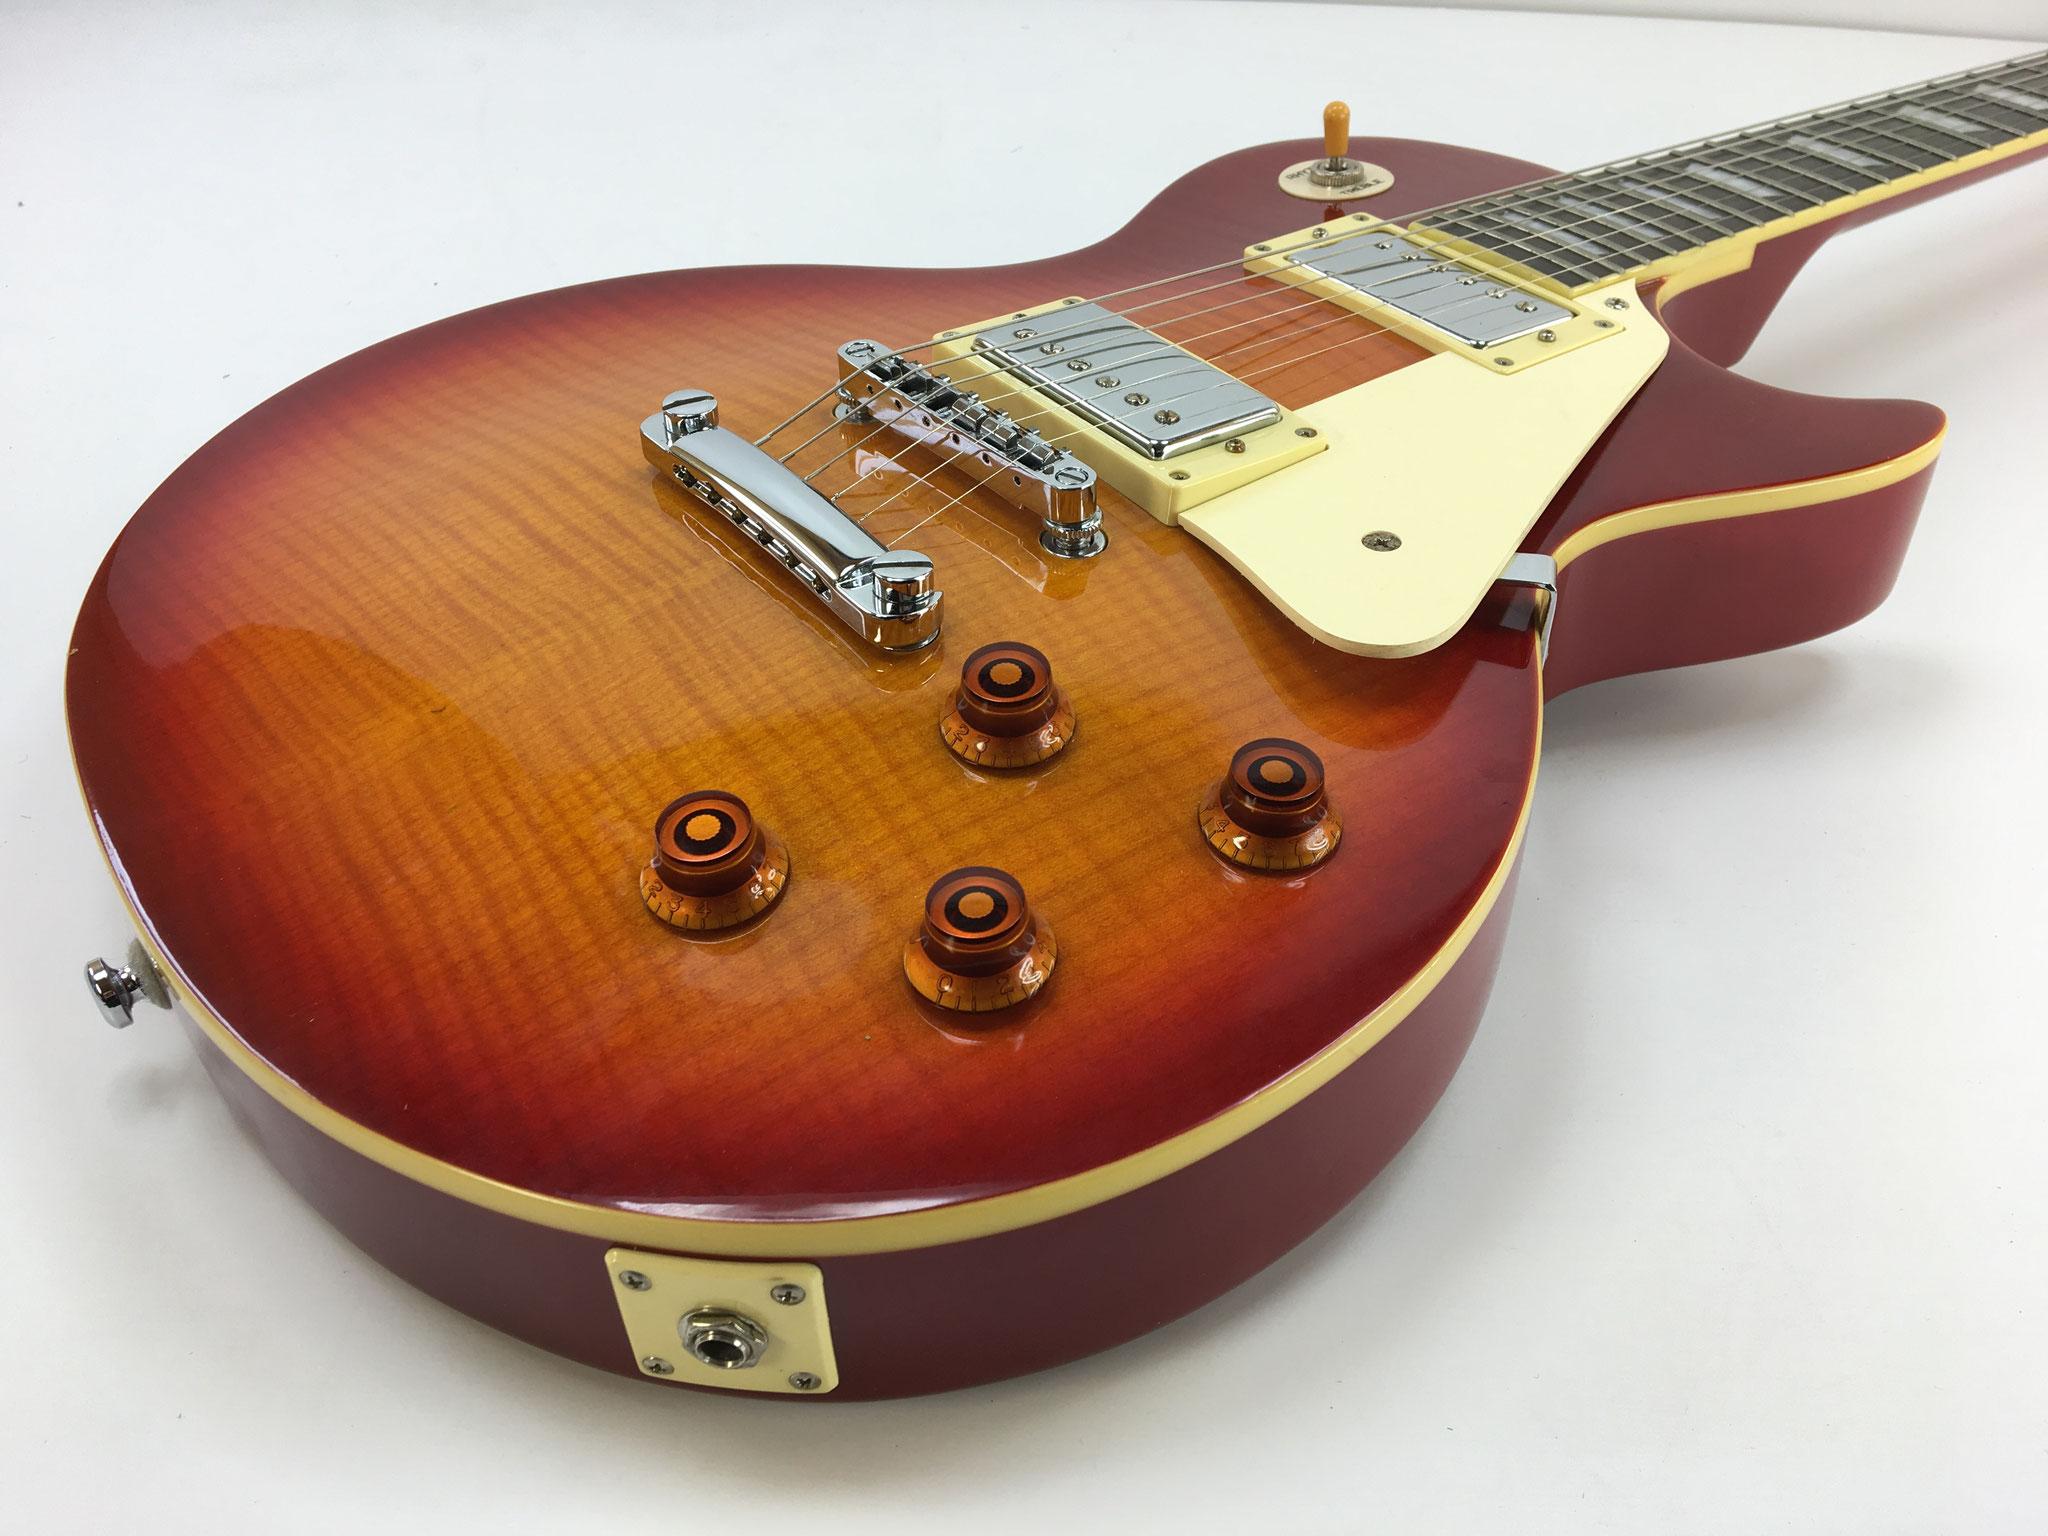 札幌ギター買取店プラクラはタカミネを買取強化中♫